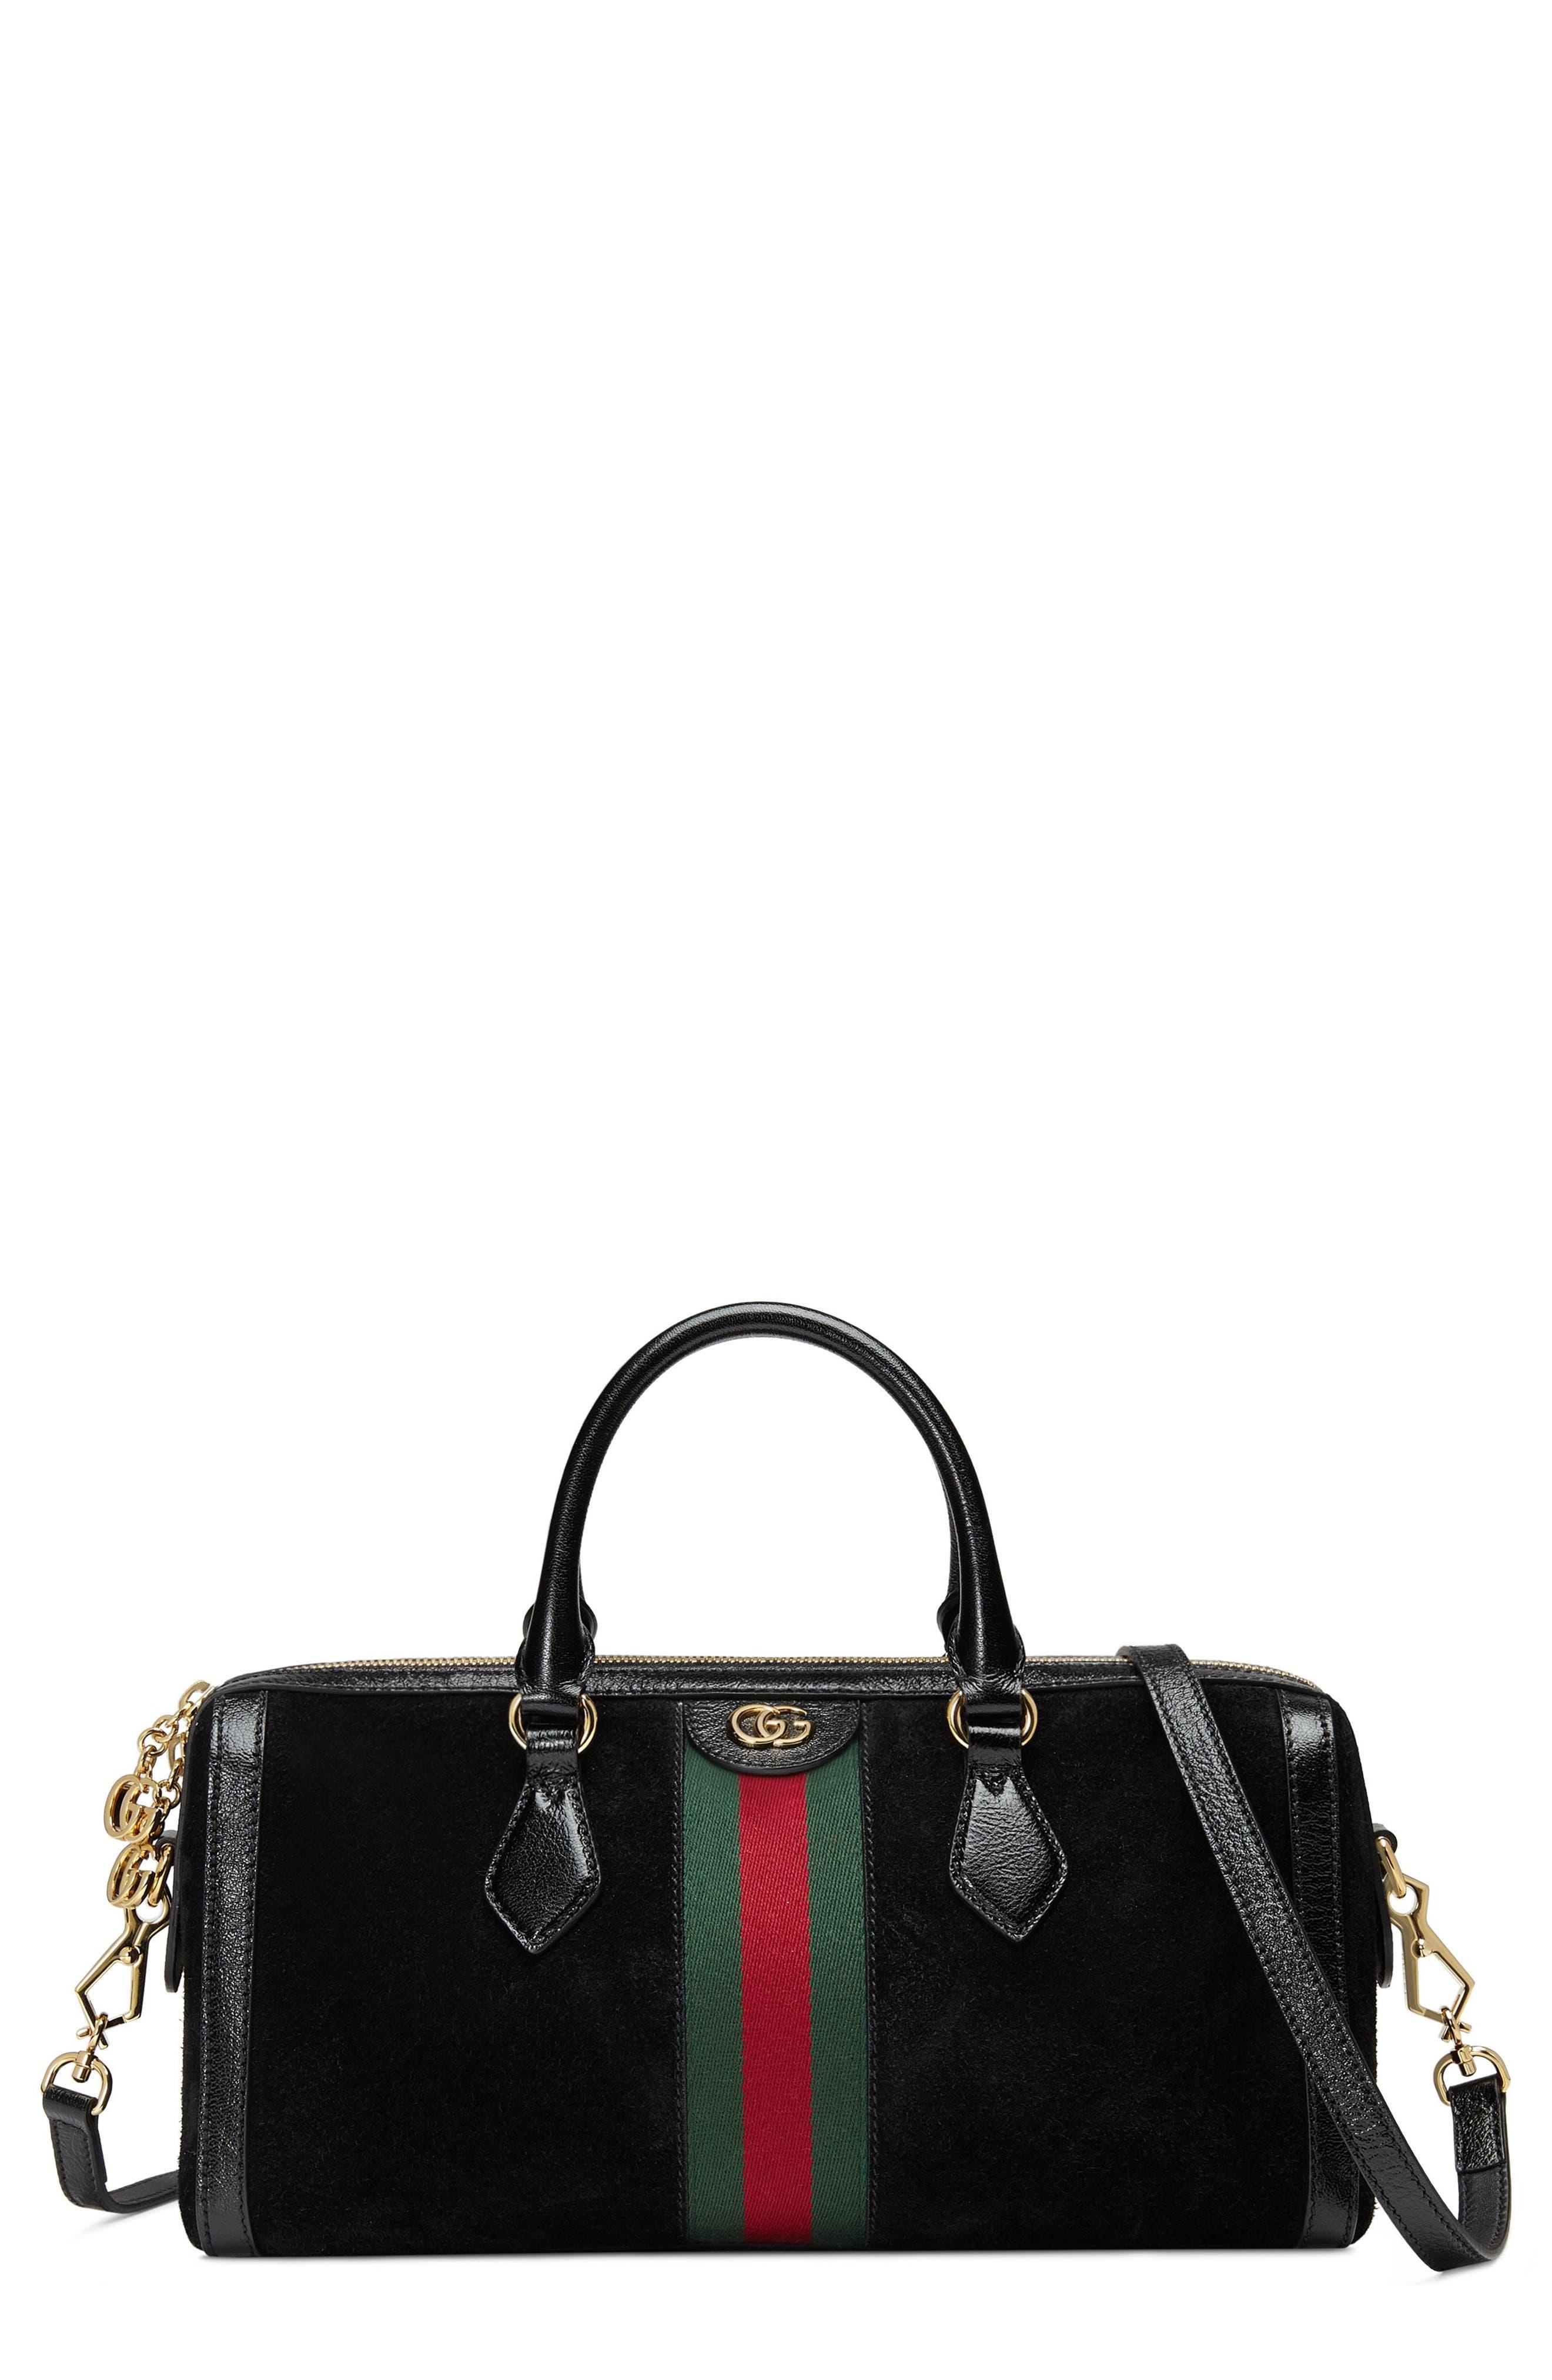 Ophidia Suede Top Handle Bag,                         Main,                         color, NERO/ NERO/ VERT RED VERT